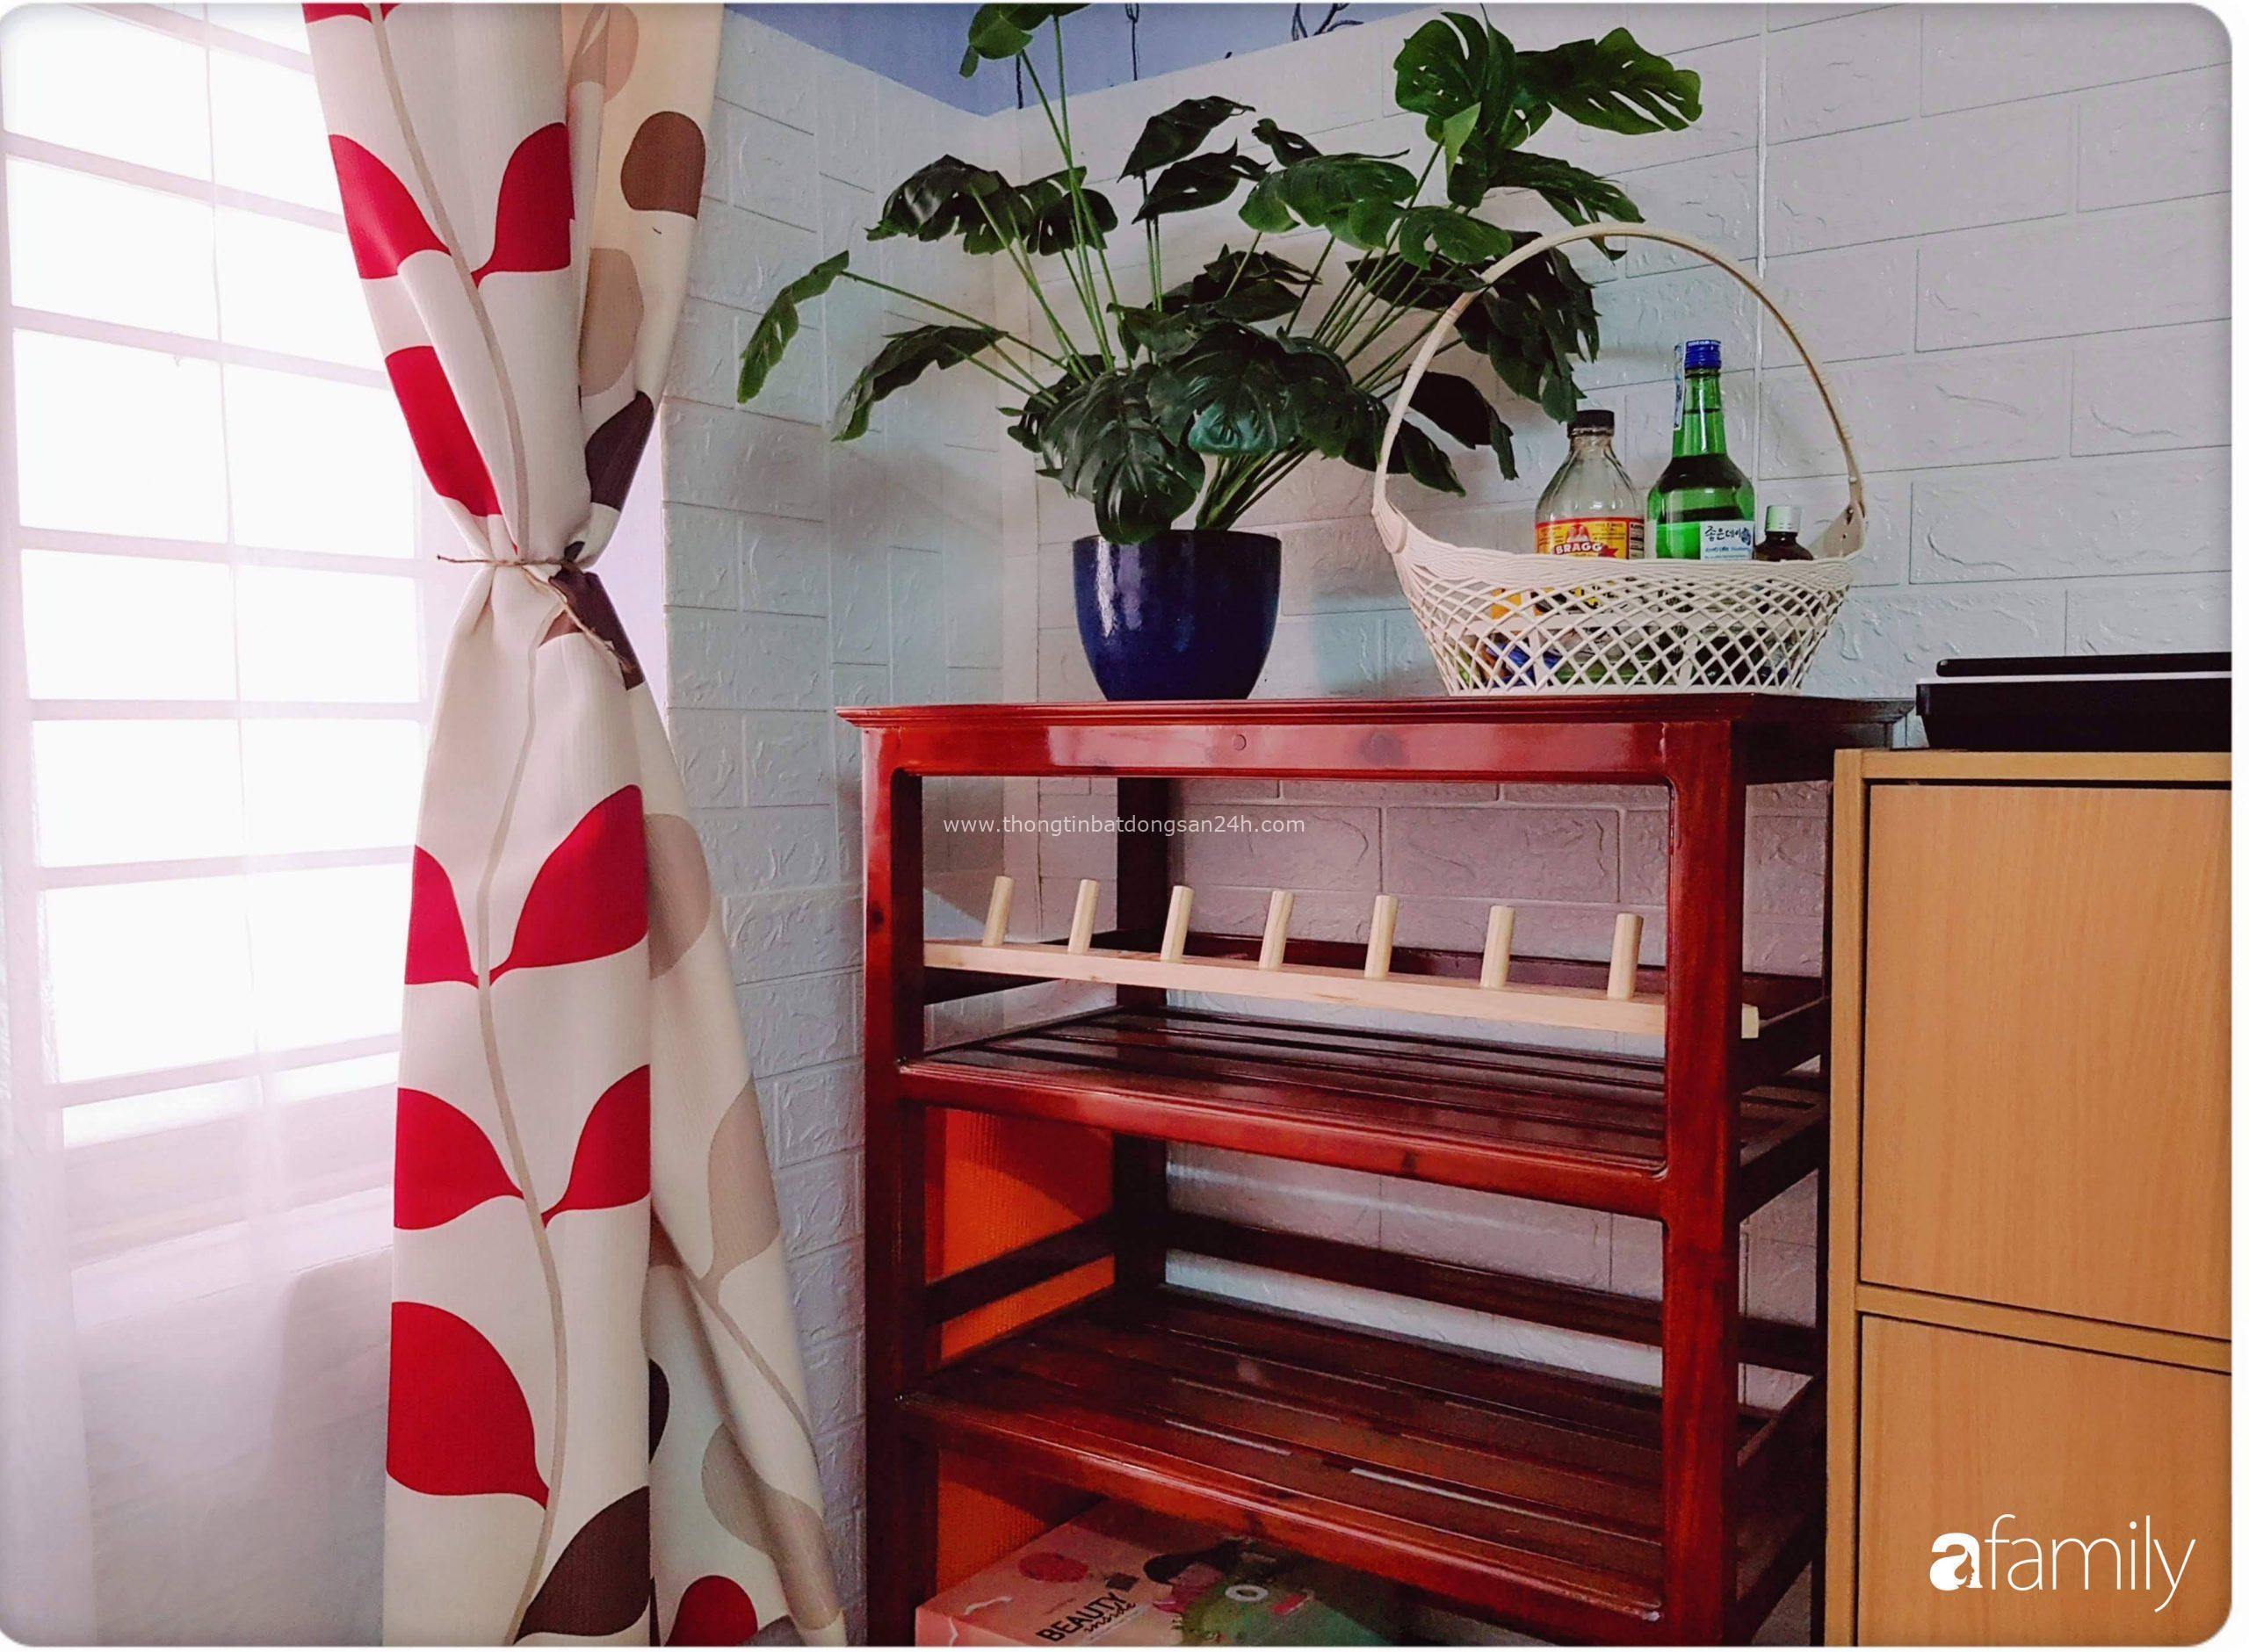 Chỉ với hơn 3 triệu và bí quyết cải tạo phòng ngủ thành không gian ngọt ngào, lãng mạn của cô gái Sài Gòn - Ảnh 6.